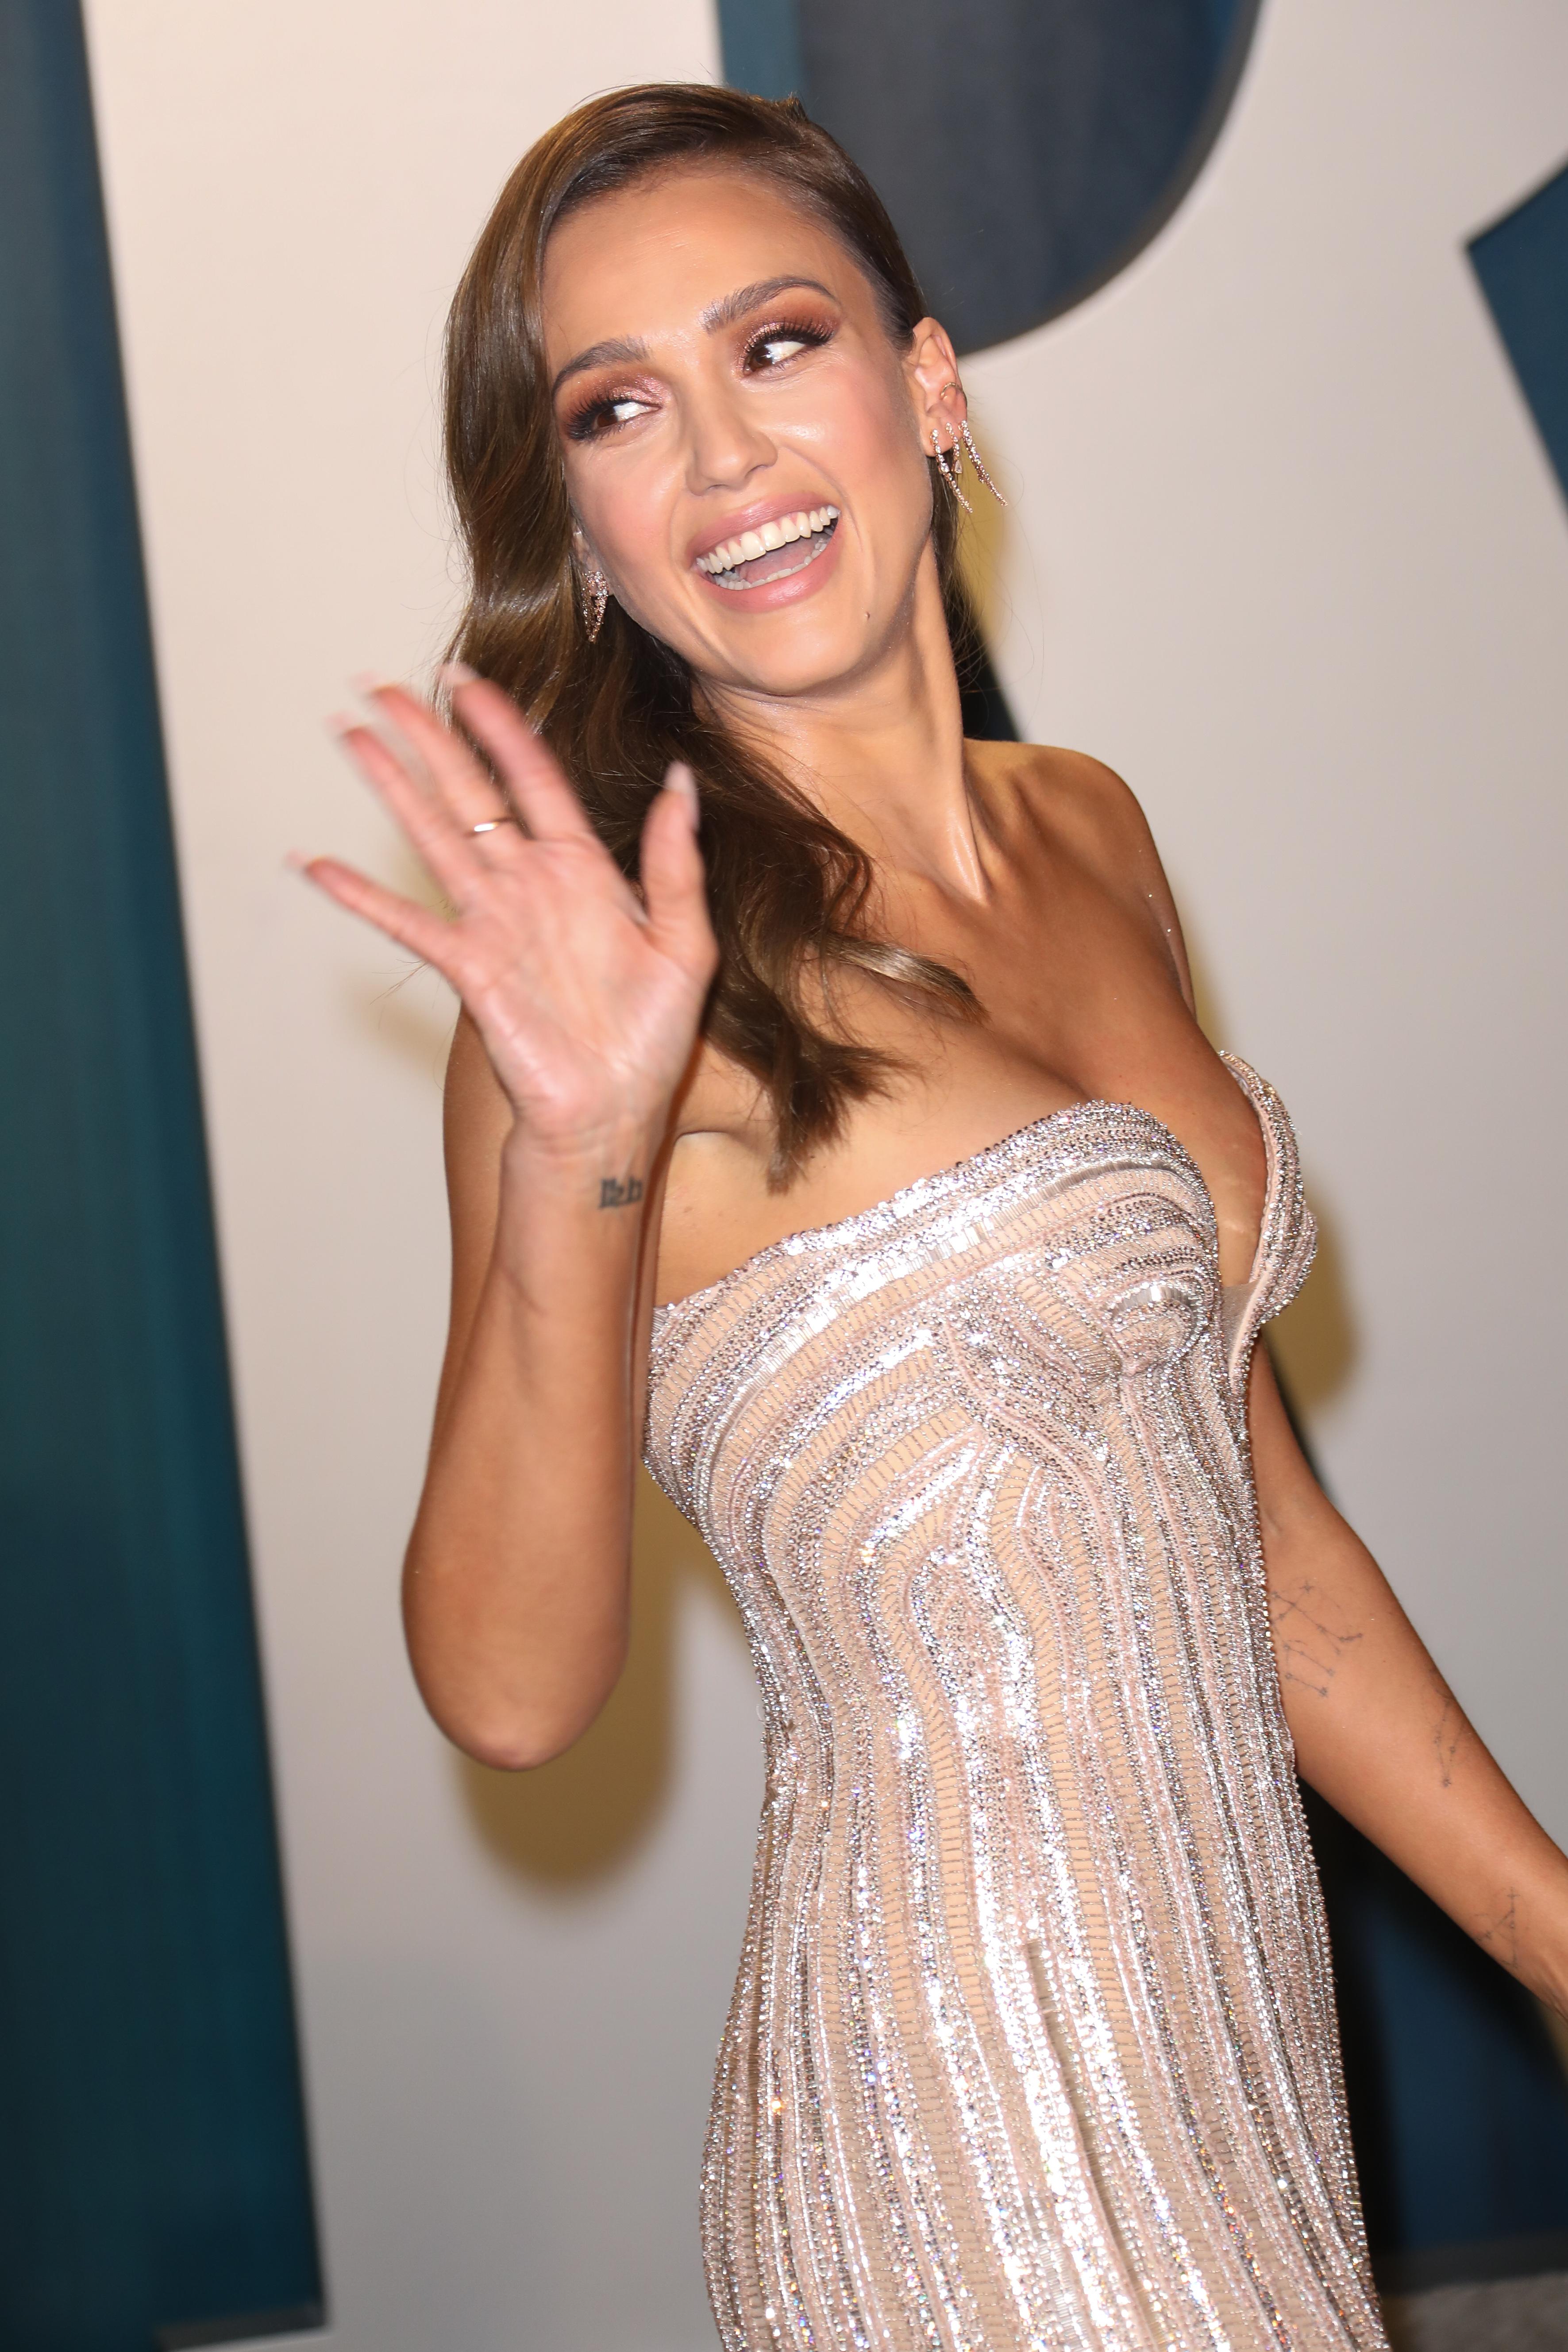 Δεν ξέρεις τι μανικιούρ να κάνεις στο επόμενο ραντεβού σου; Η Jessica Alba σου έχει πρόταση!